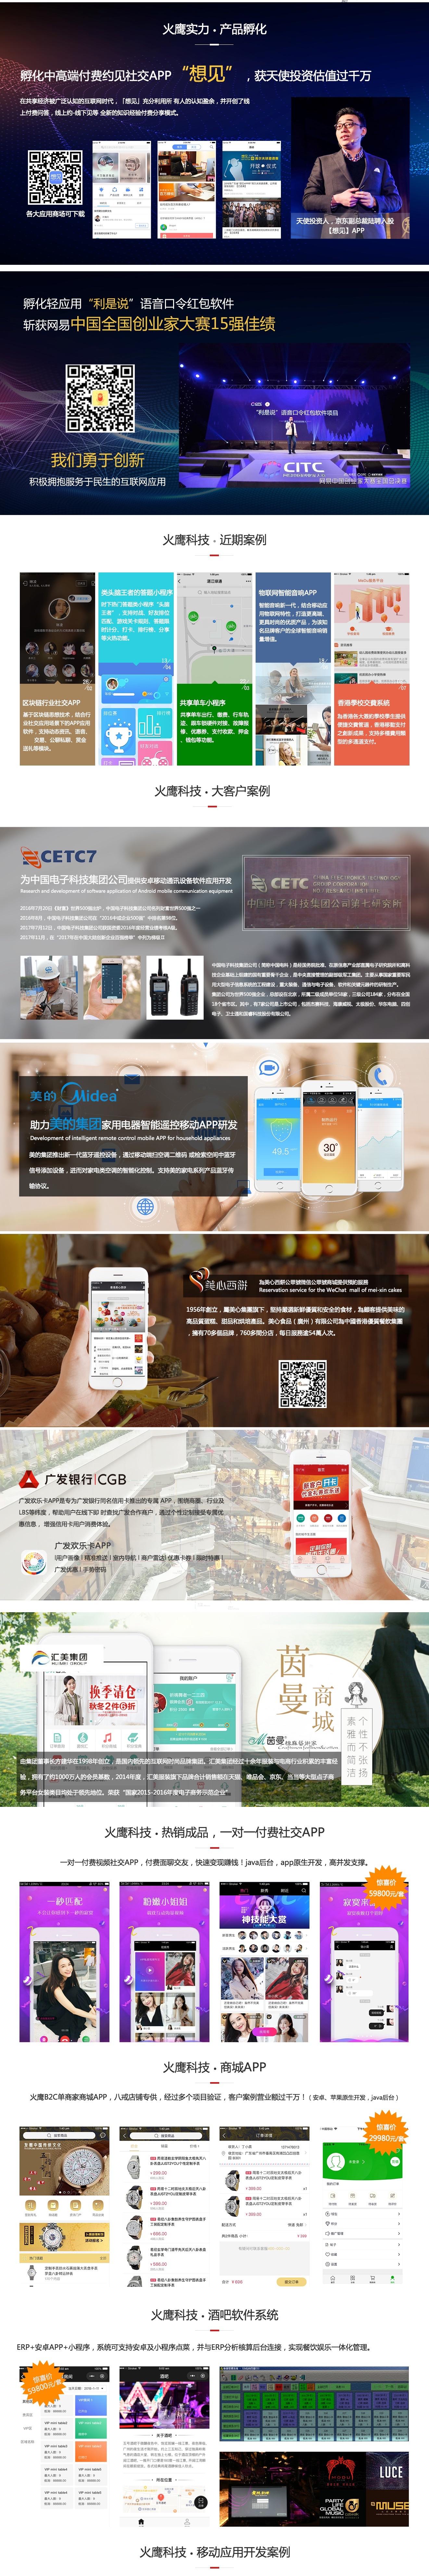 _APP开发汽车资讯 汽车后市场租车 二手车 驾考app开发2